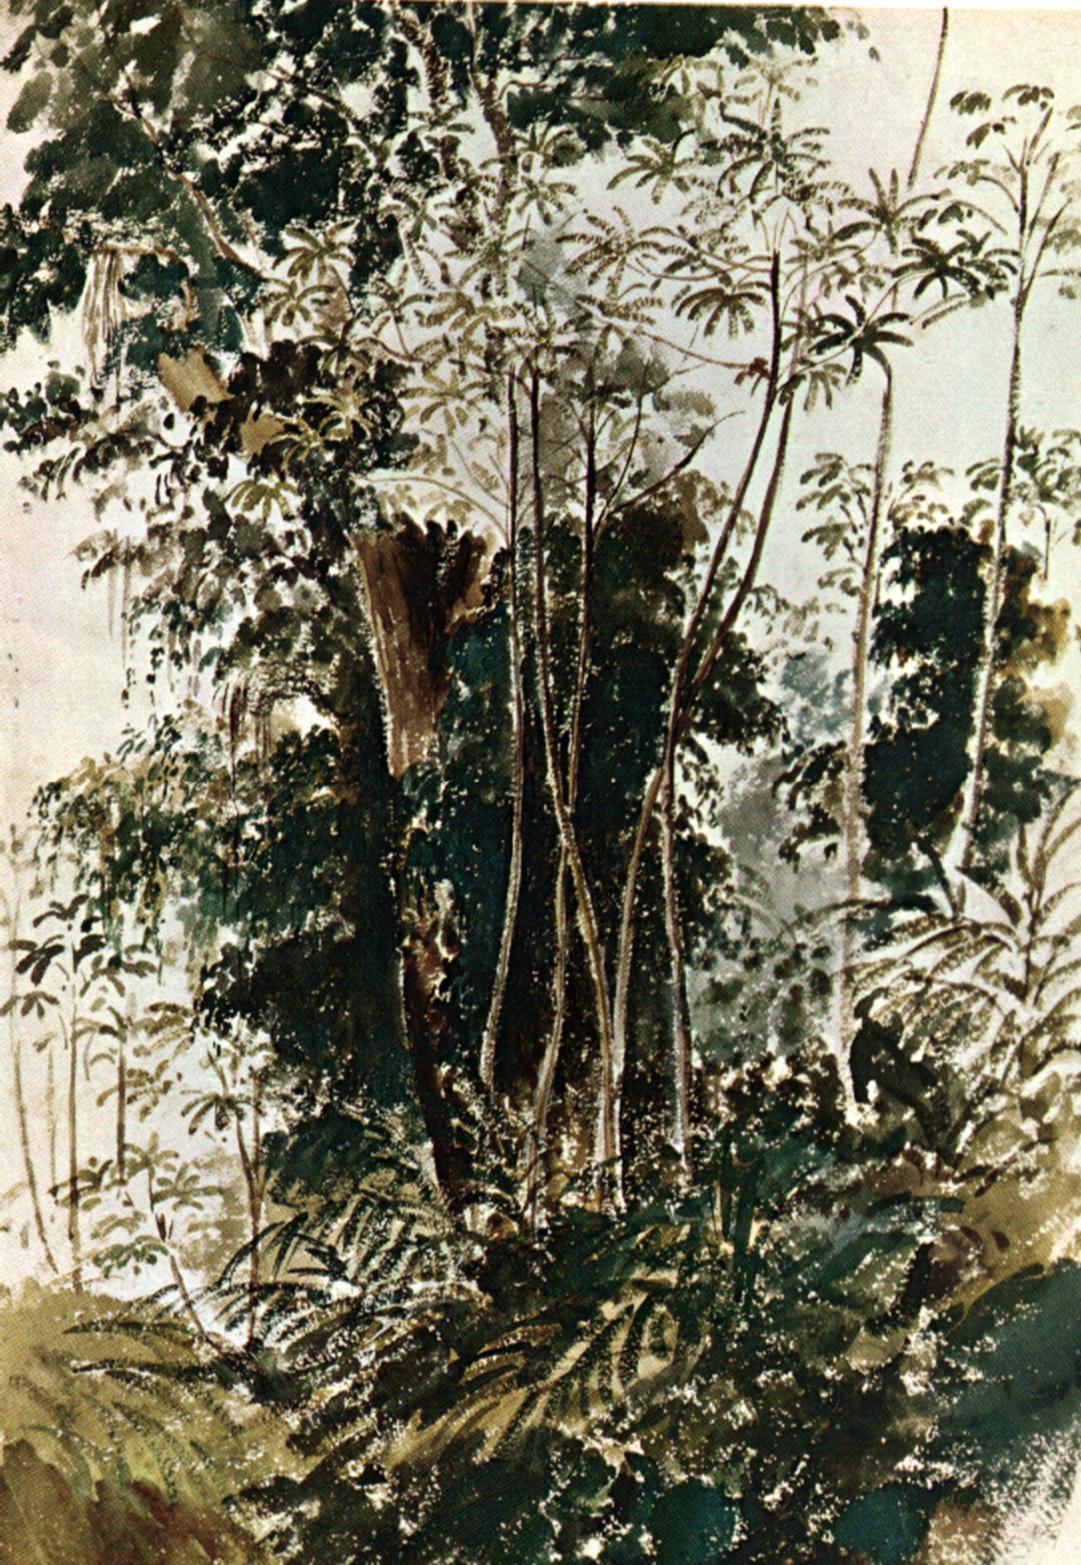 Camille Pissarro. Vegetación Tropical. Sin Fecha. Colección Banco Central de Venezuela. Comprada en Hammer Galleries de New York 1965